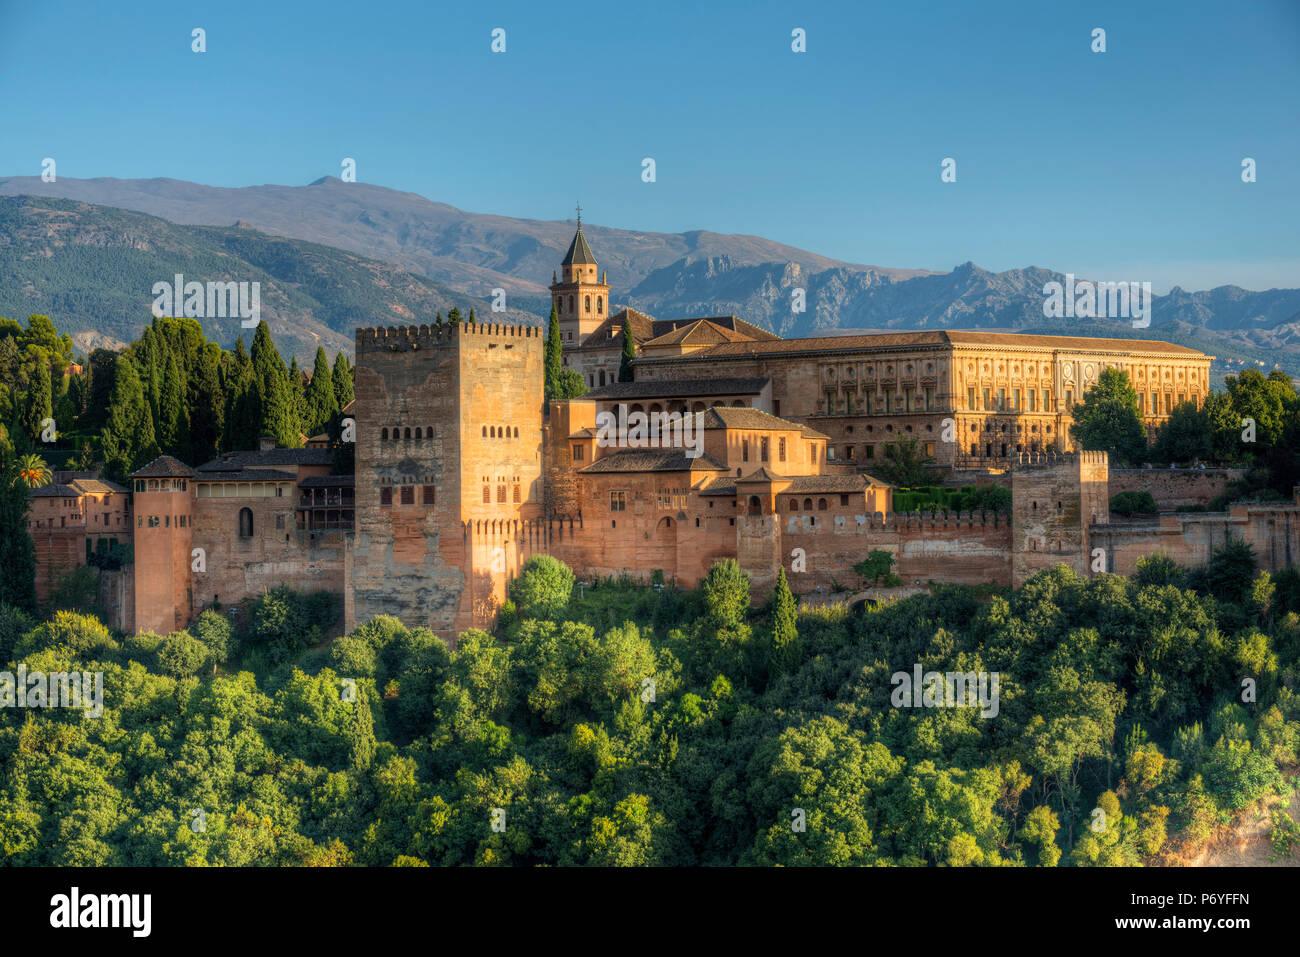 Alhambra von Albaicin, UNESCO-Weltkulturerbe, Granada, Andalusien, Spanien Stockbild